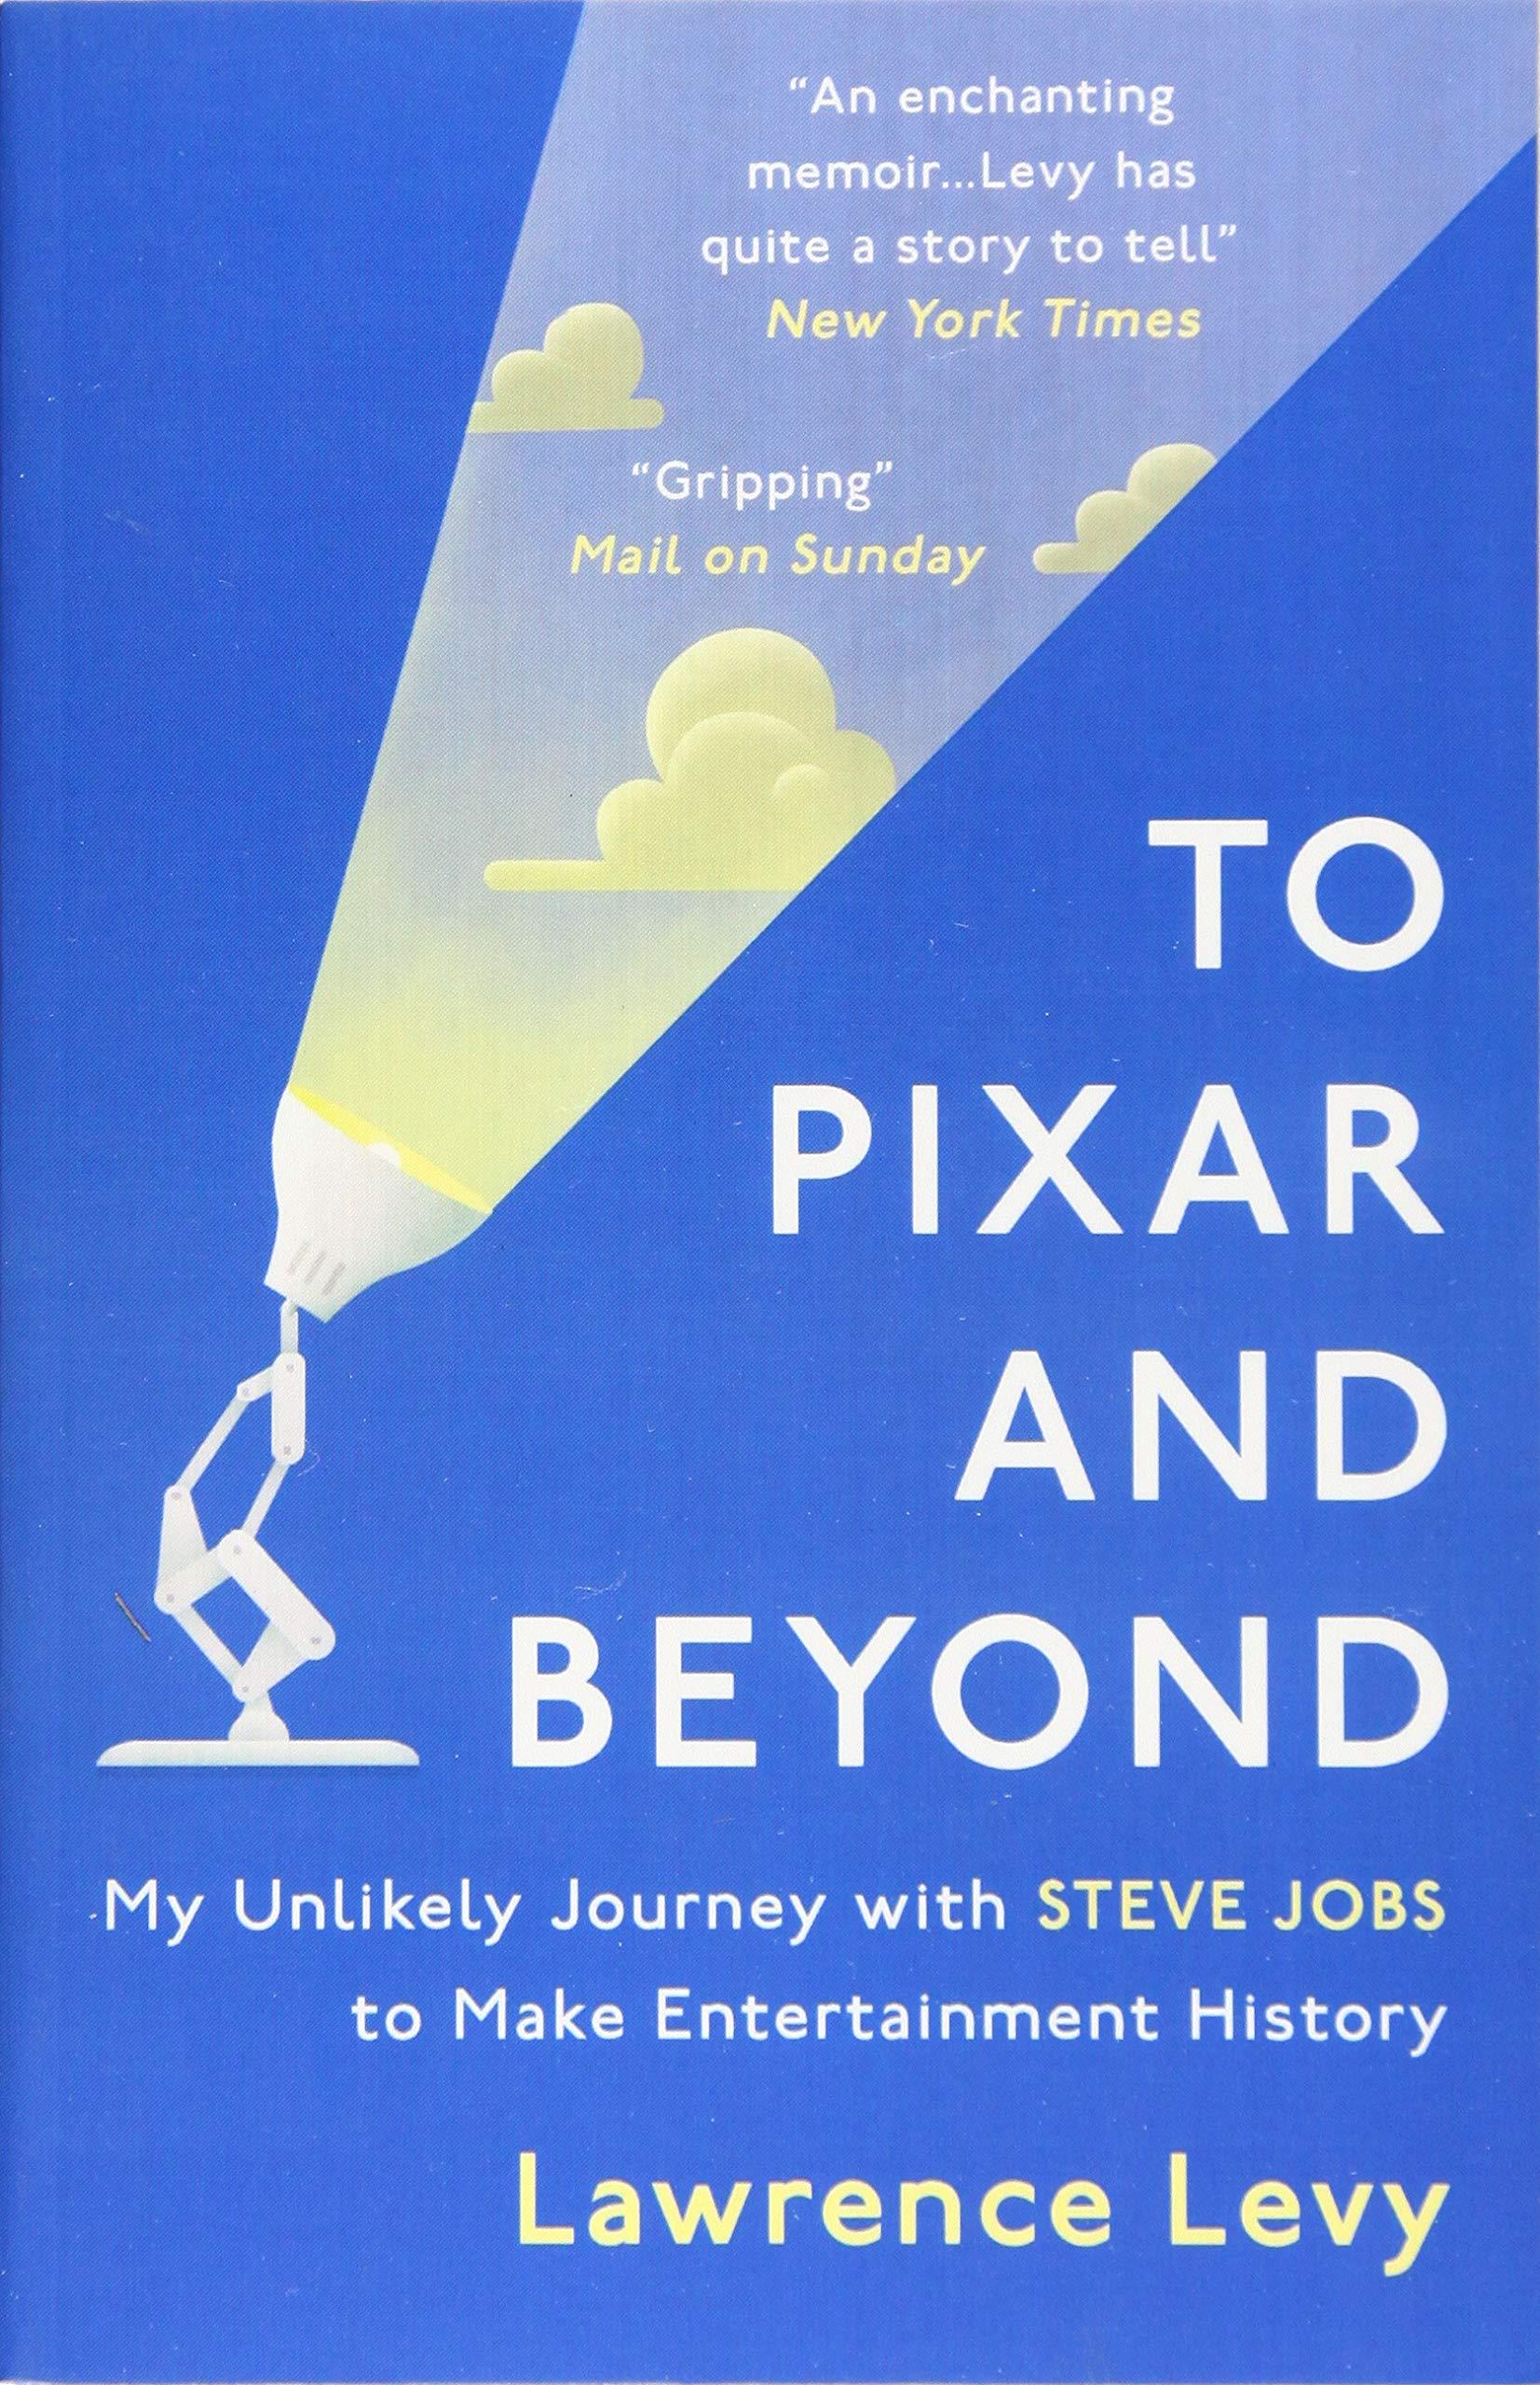 To Pixar and Beyond